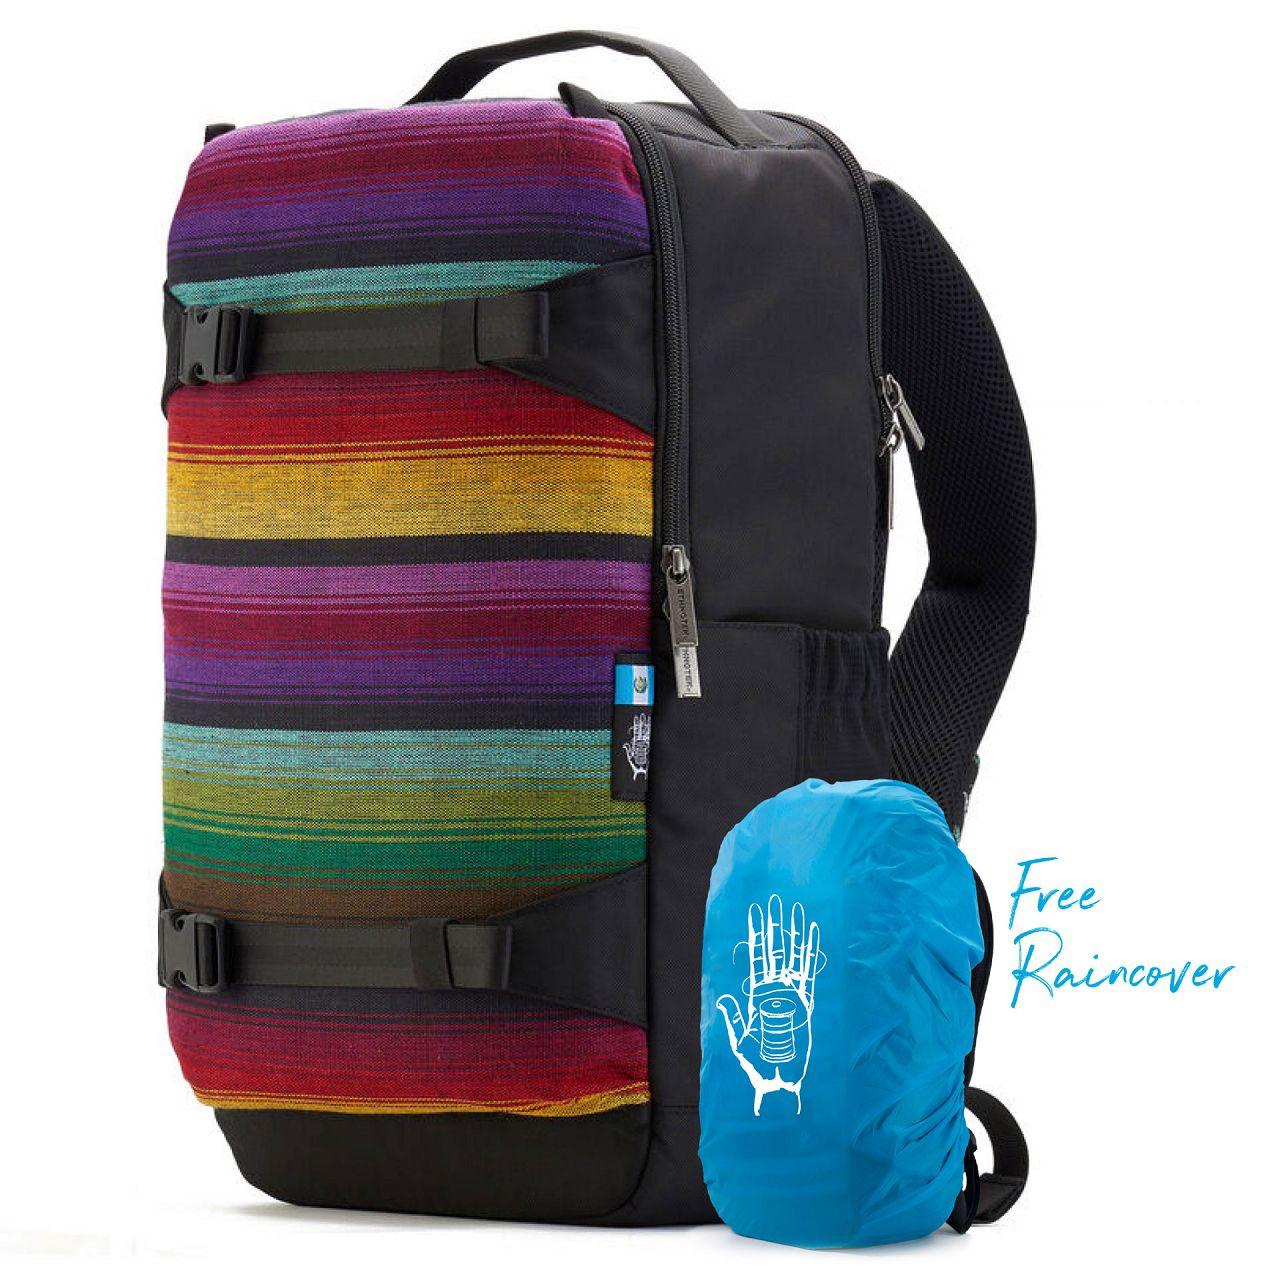 Aya Pack 25 Guatemala 1